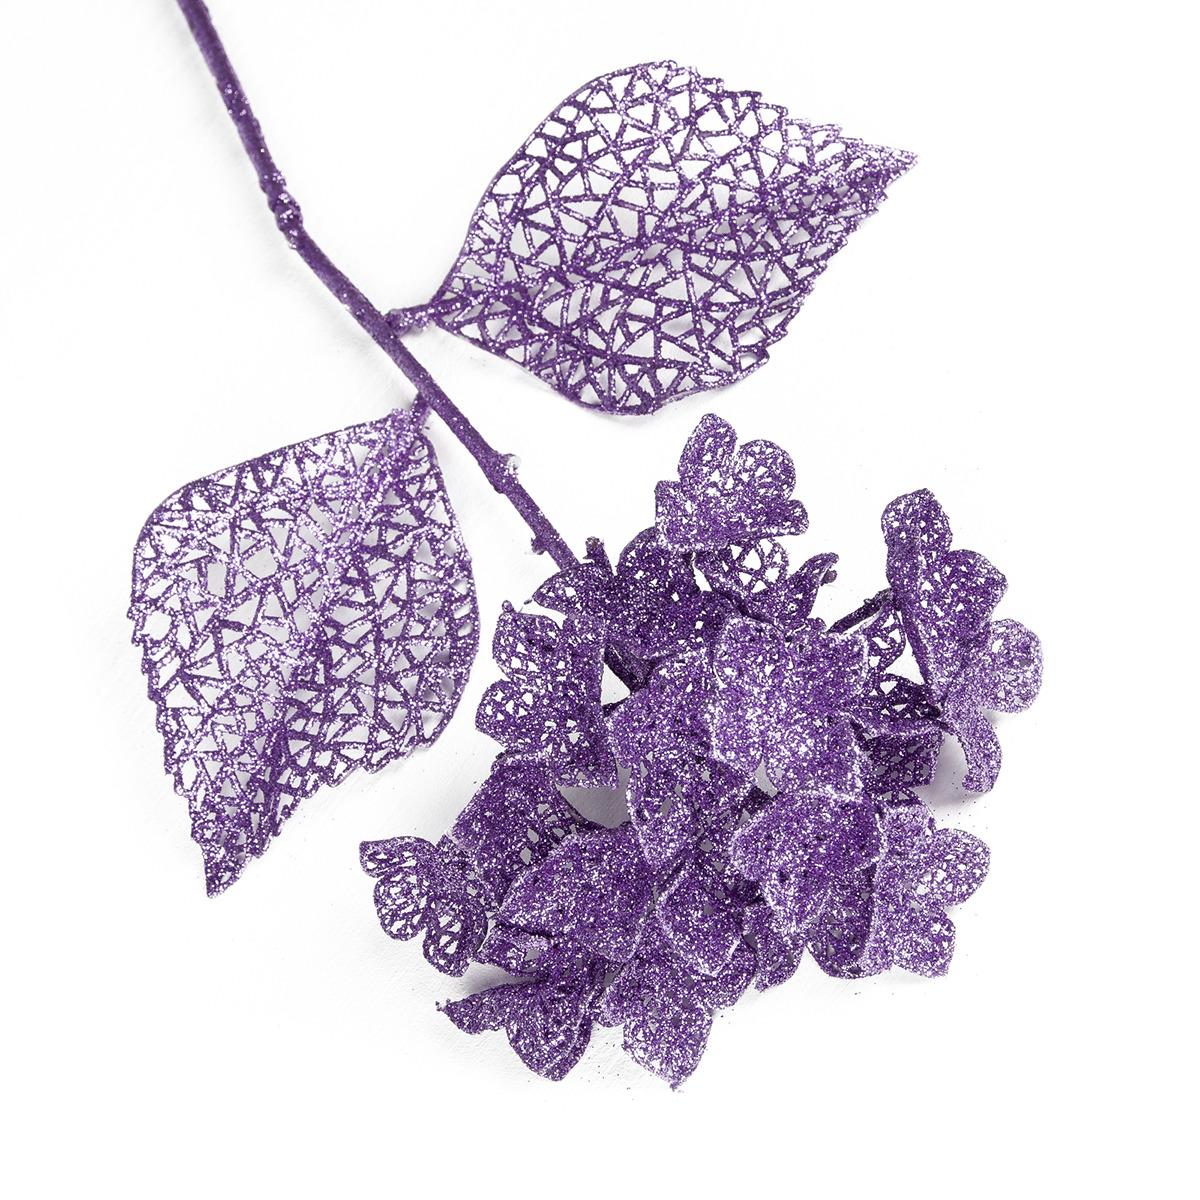 Искусственные цветы Сияние Шар, 3533293, сиреневый, 64 см